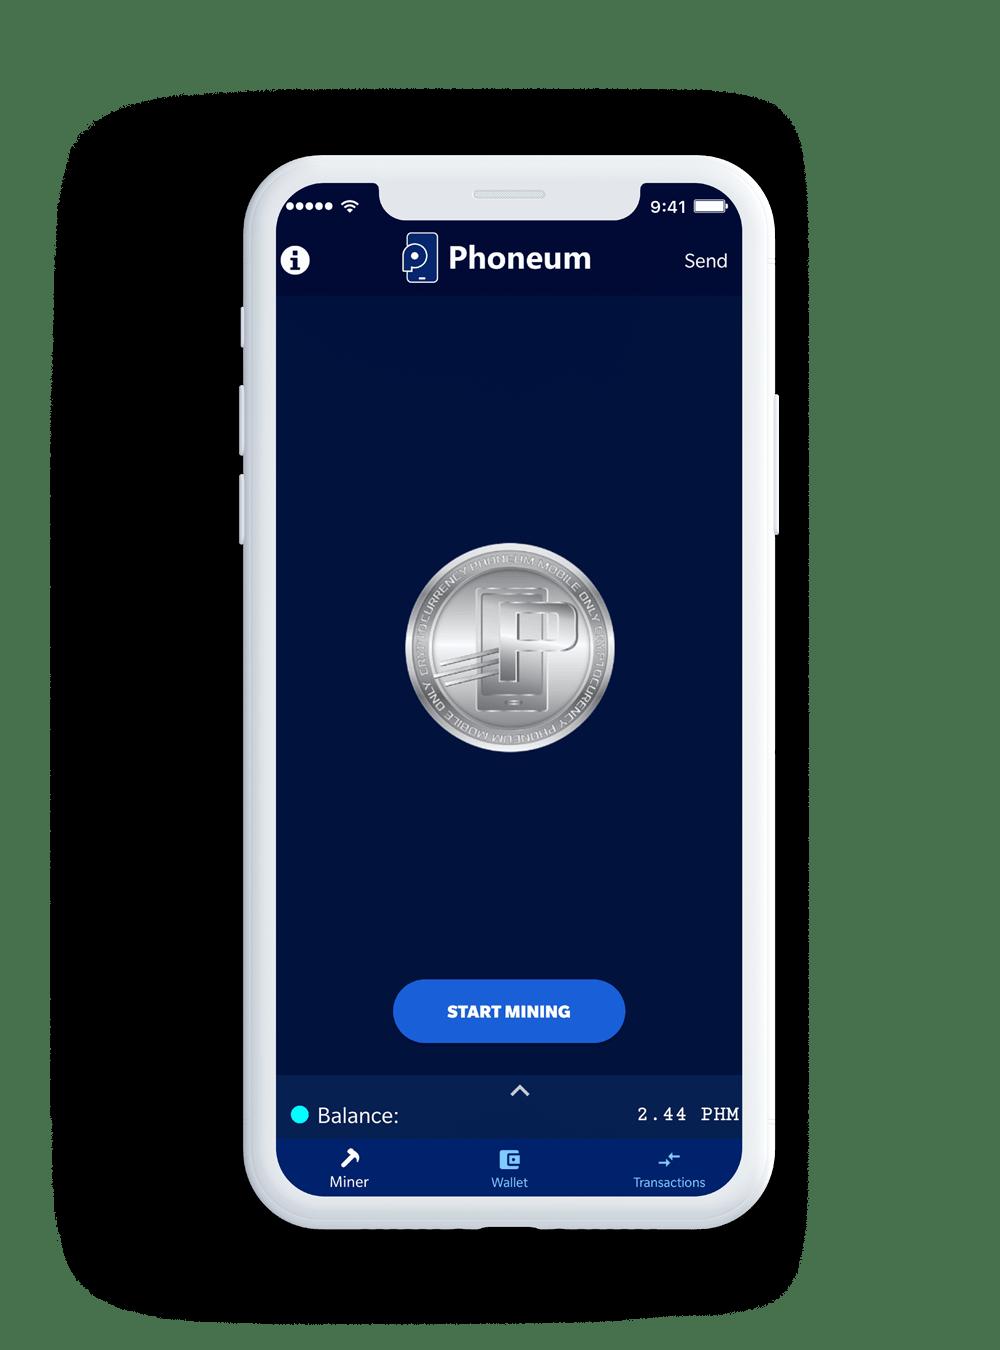 Phoneum app